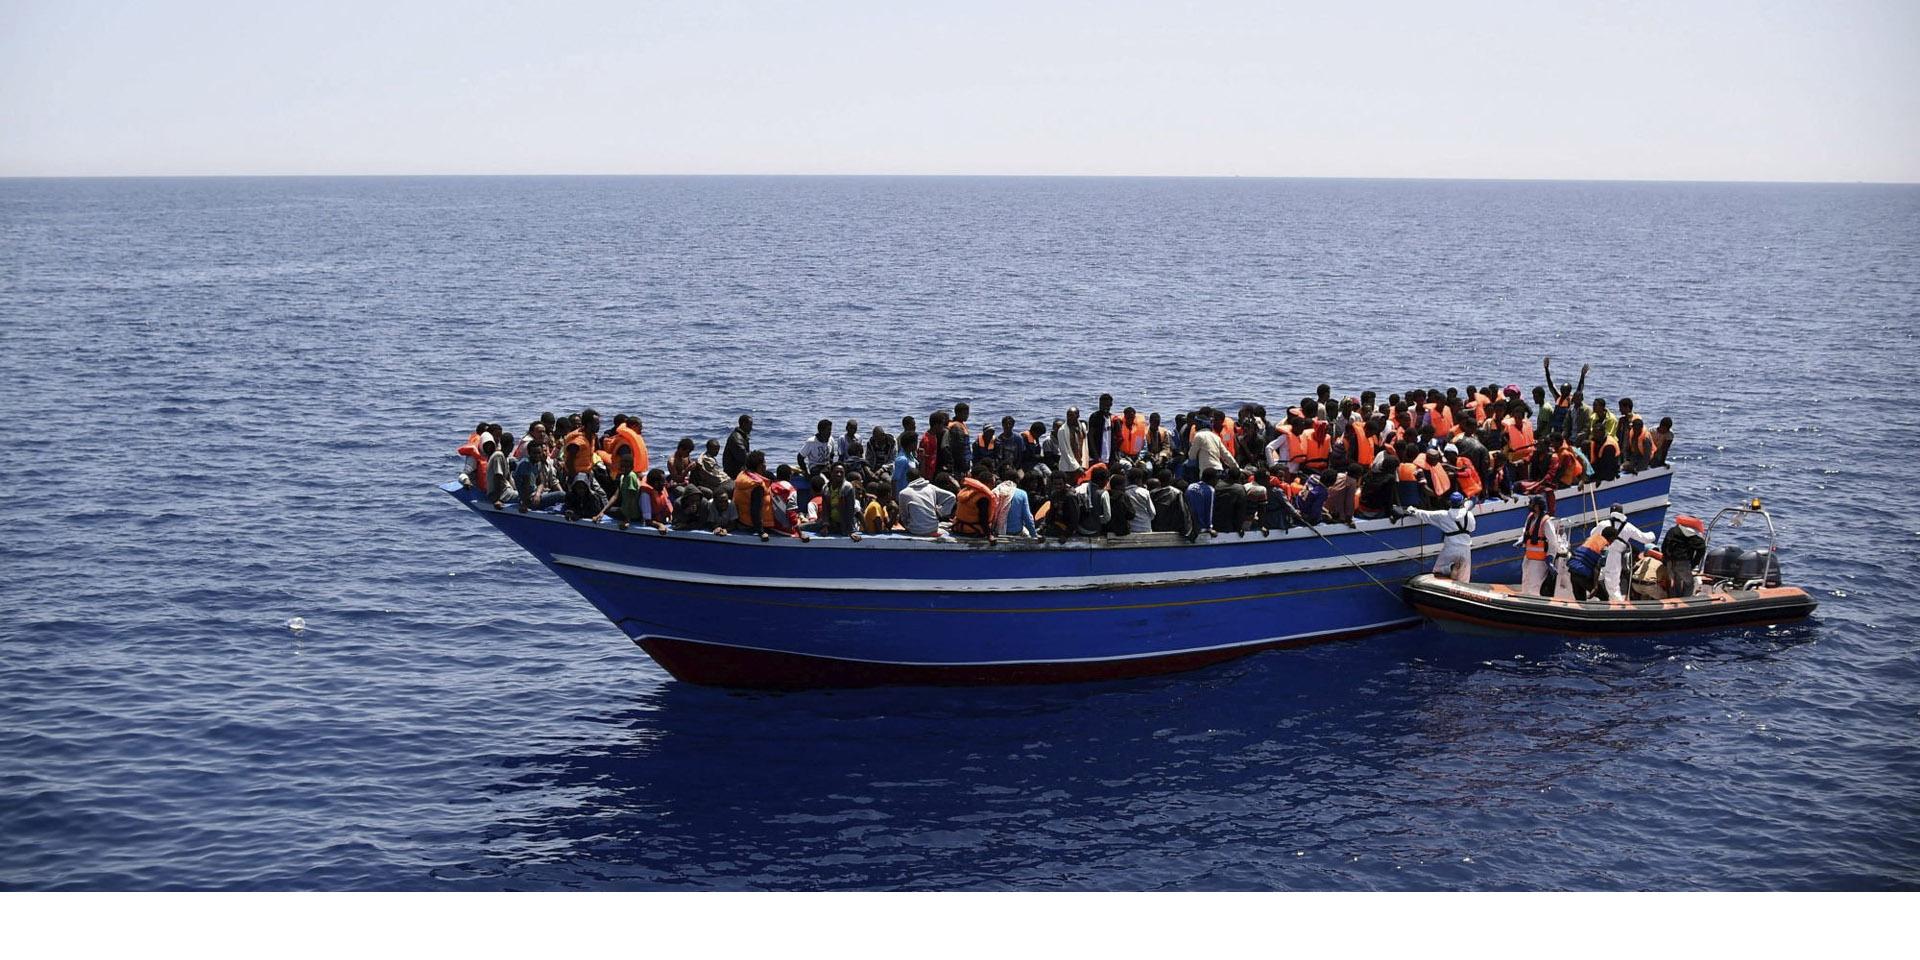 Fallecidos tras volcar barco en el Mediterráneo